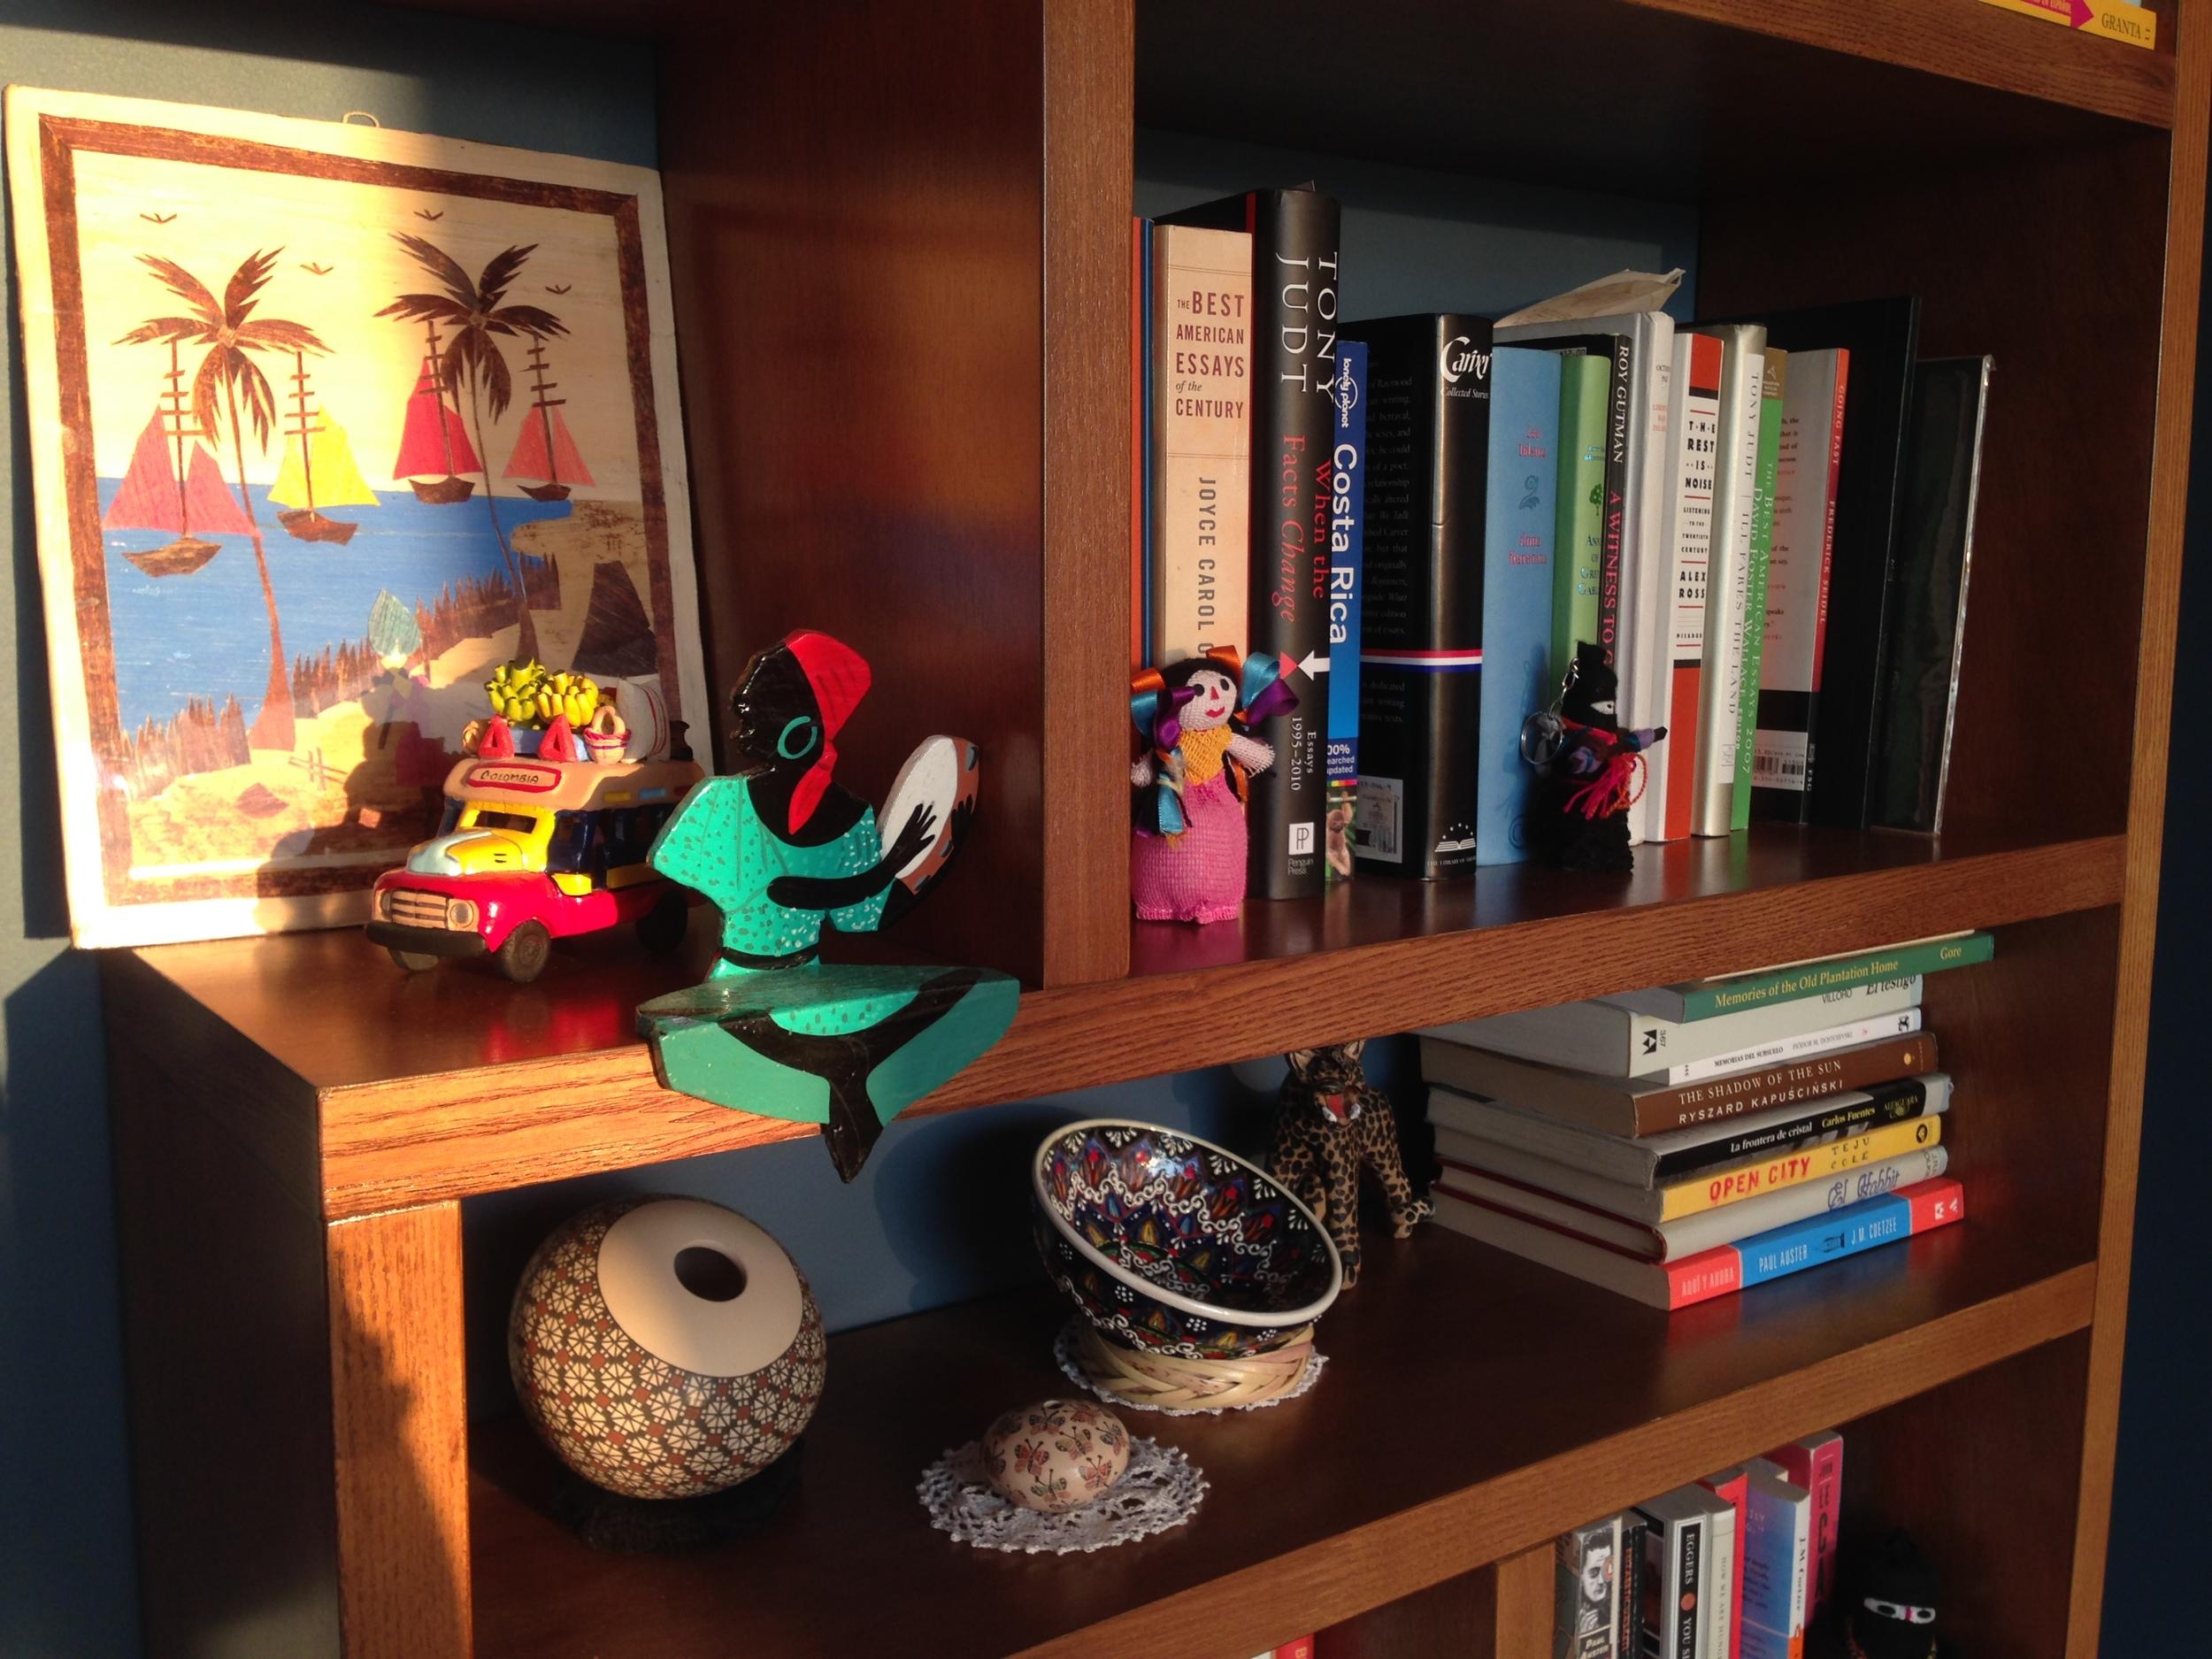 isabelle schafer shelf